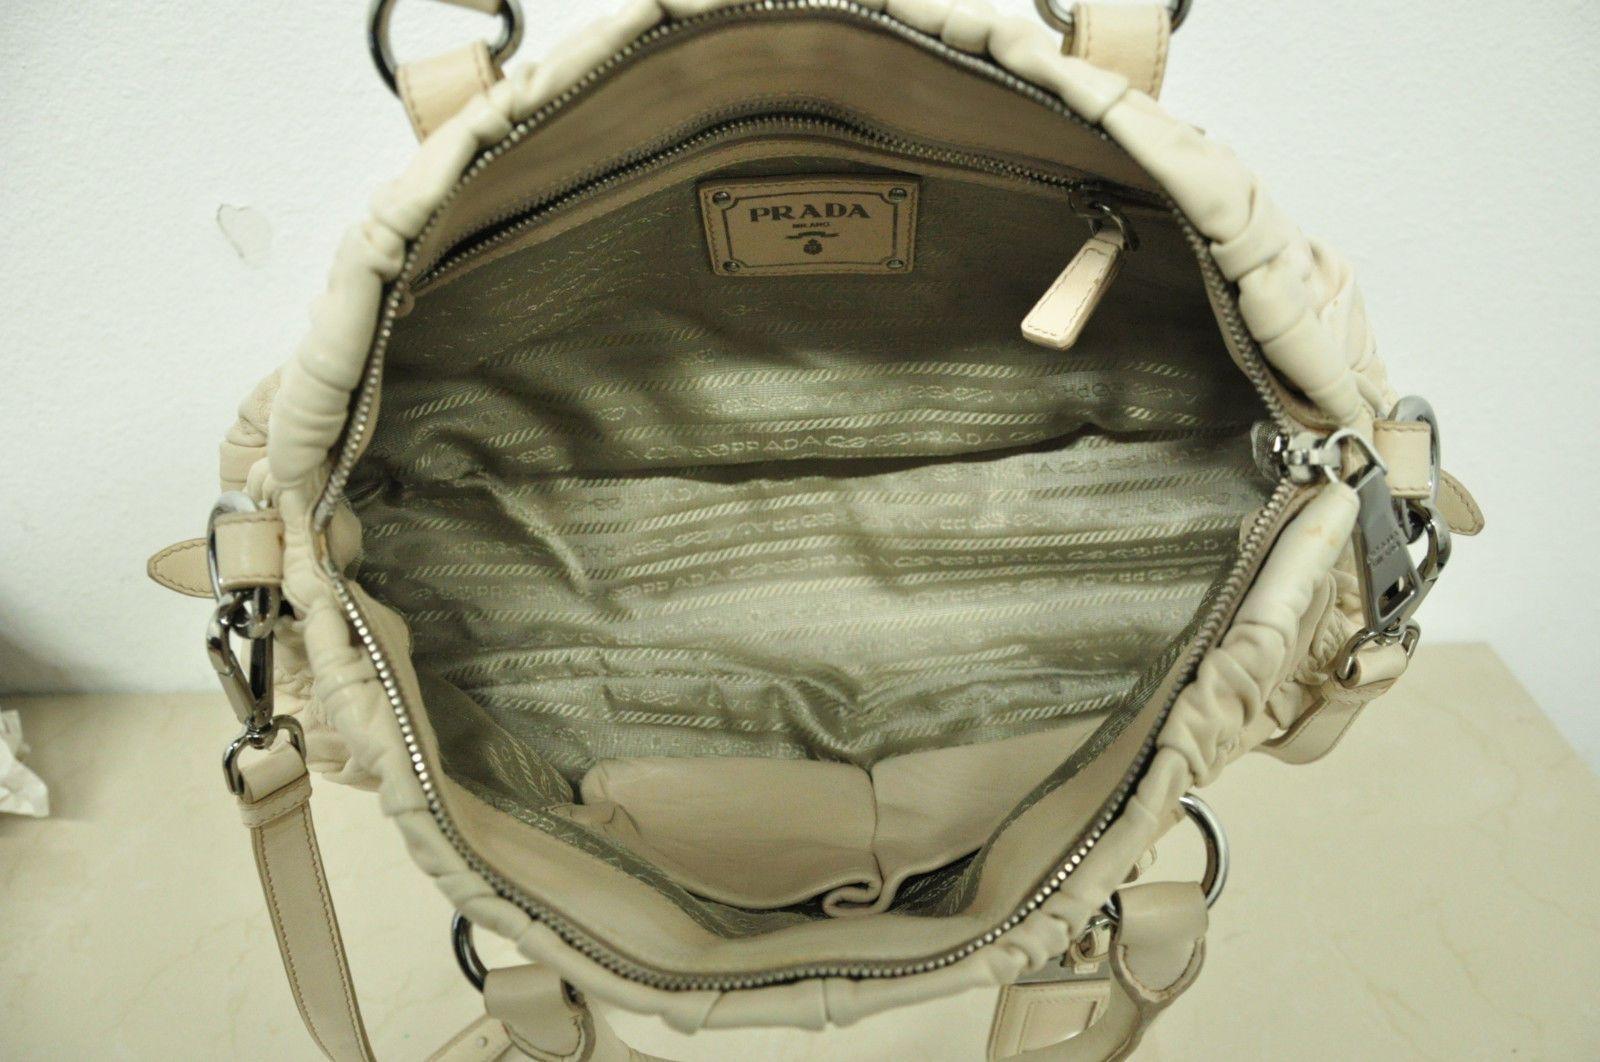 Authentic Prada Gaufre Beige Soft Leather Shoulder Bag Handbag Satchel Purse   300.0 29e61fbc3d